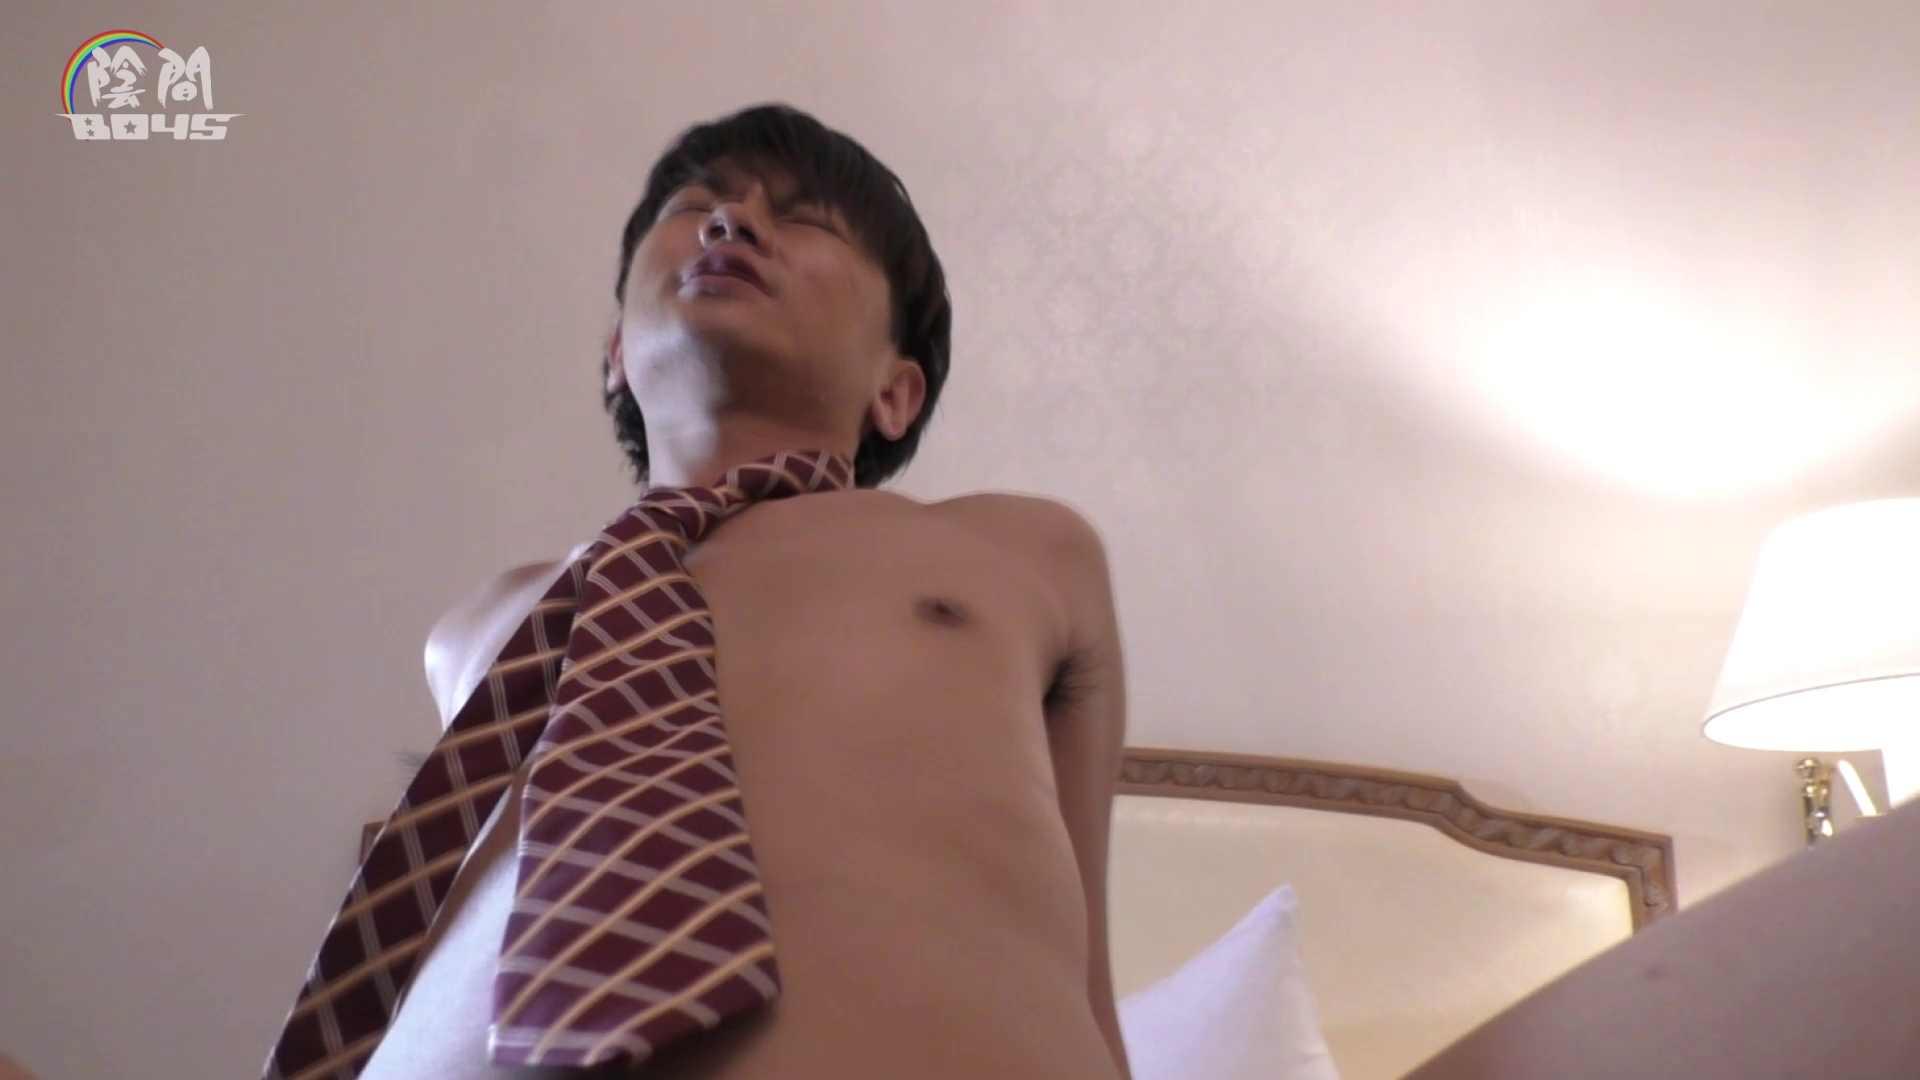 陰間BOYS~キャバクラの仕事はアナルから4 Vol.03 ザーメン 男同士動画 108枚 10